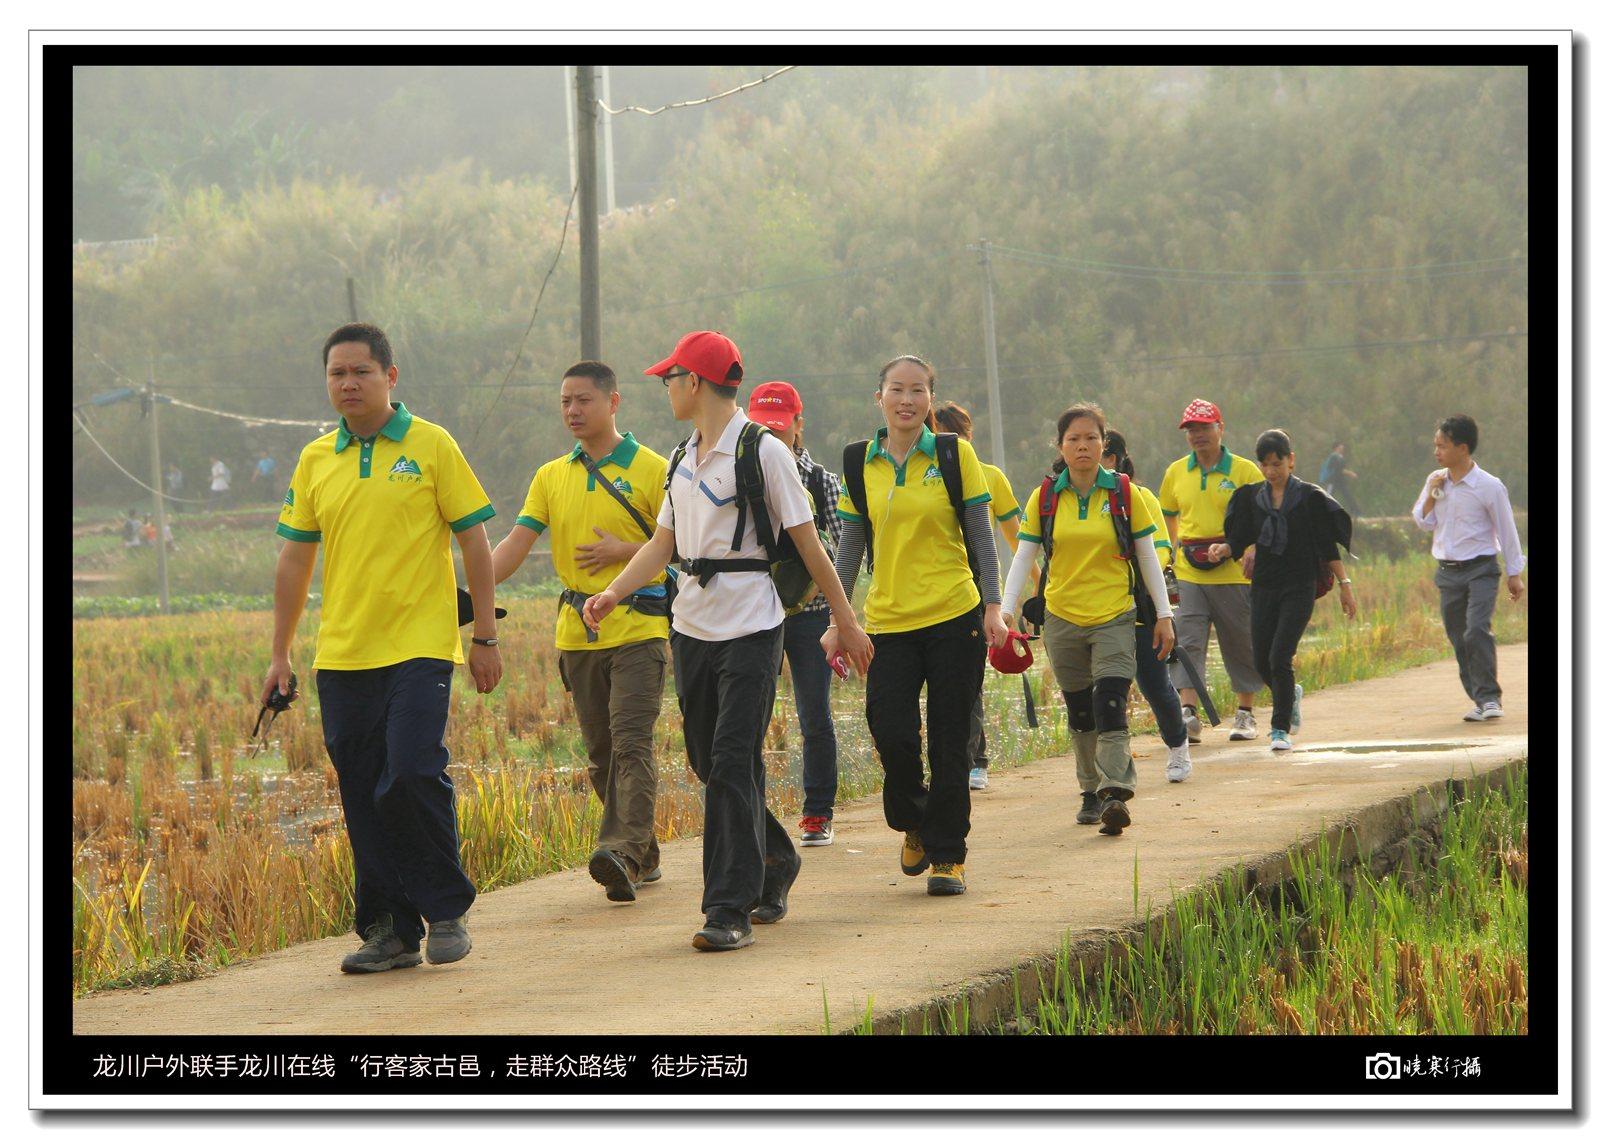 龙川户外第二届户外徒步活动